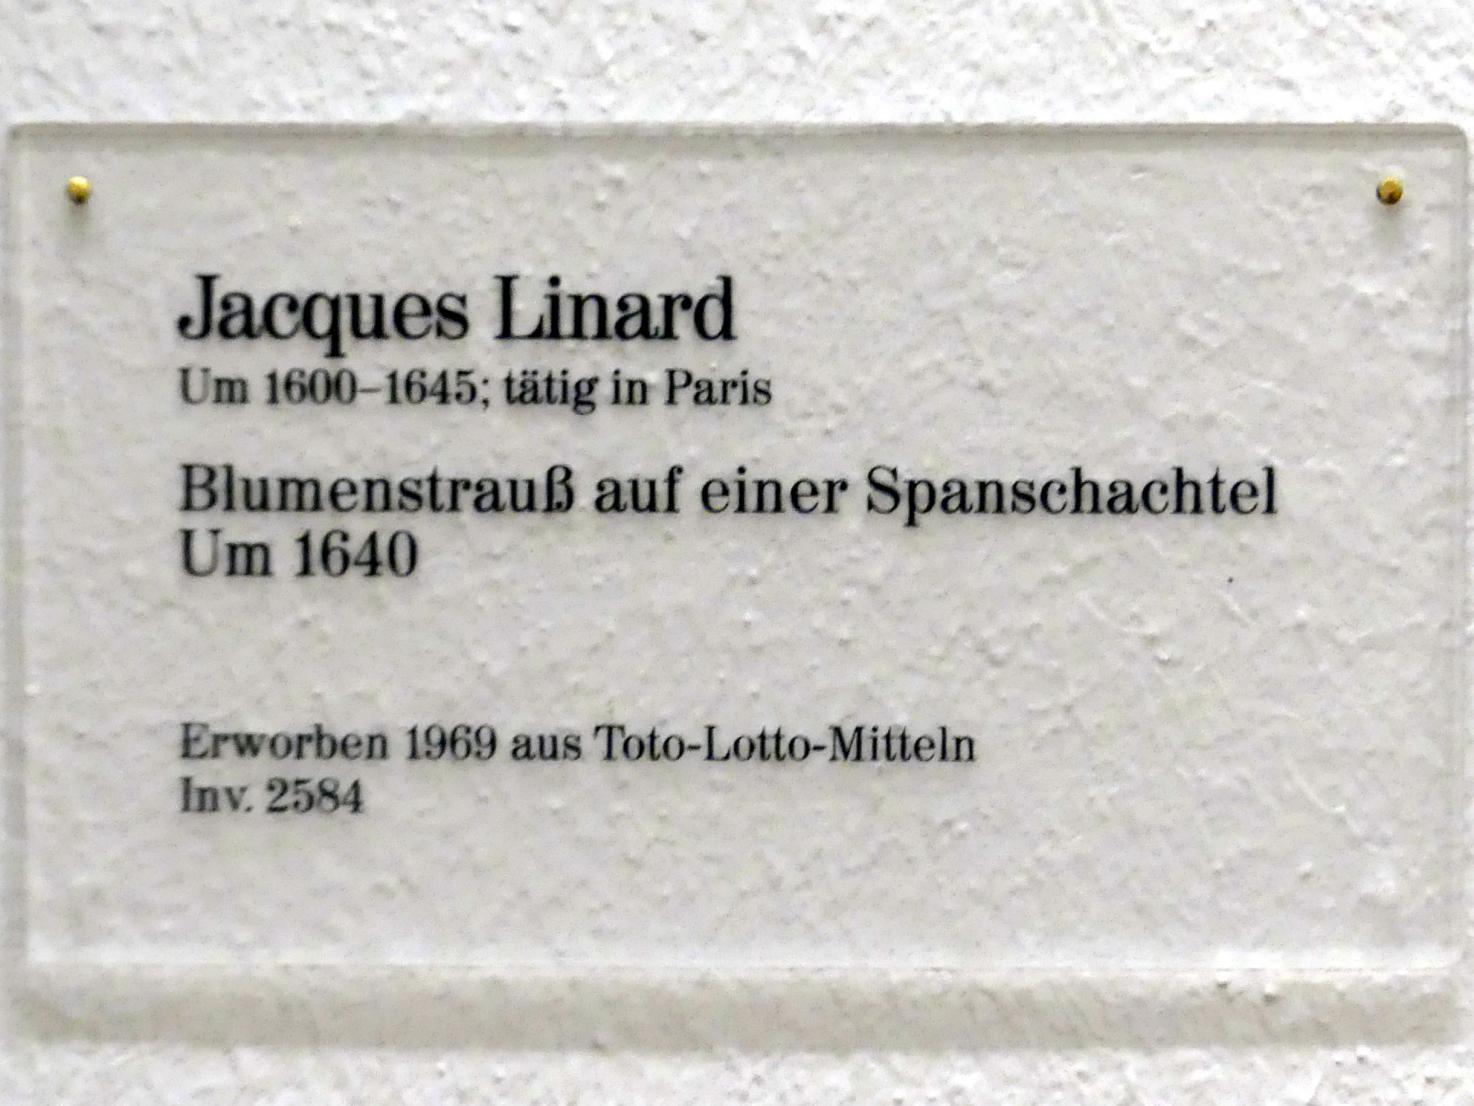 Jacques Linard: Blumenstrauß auf einer Spanschachtel, um 1640, Bild 2/2